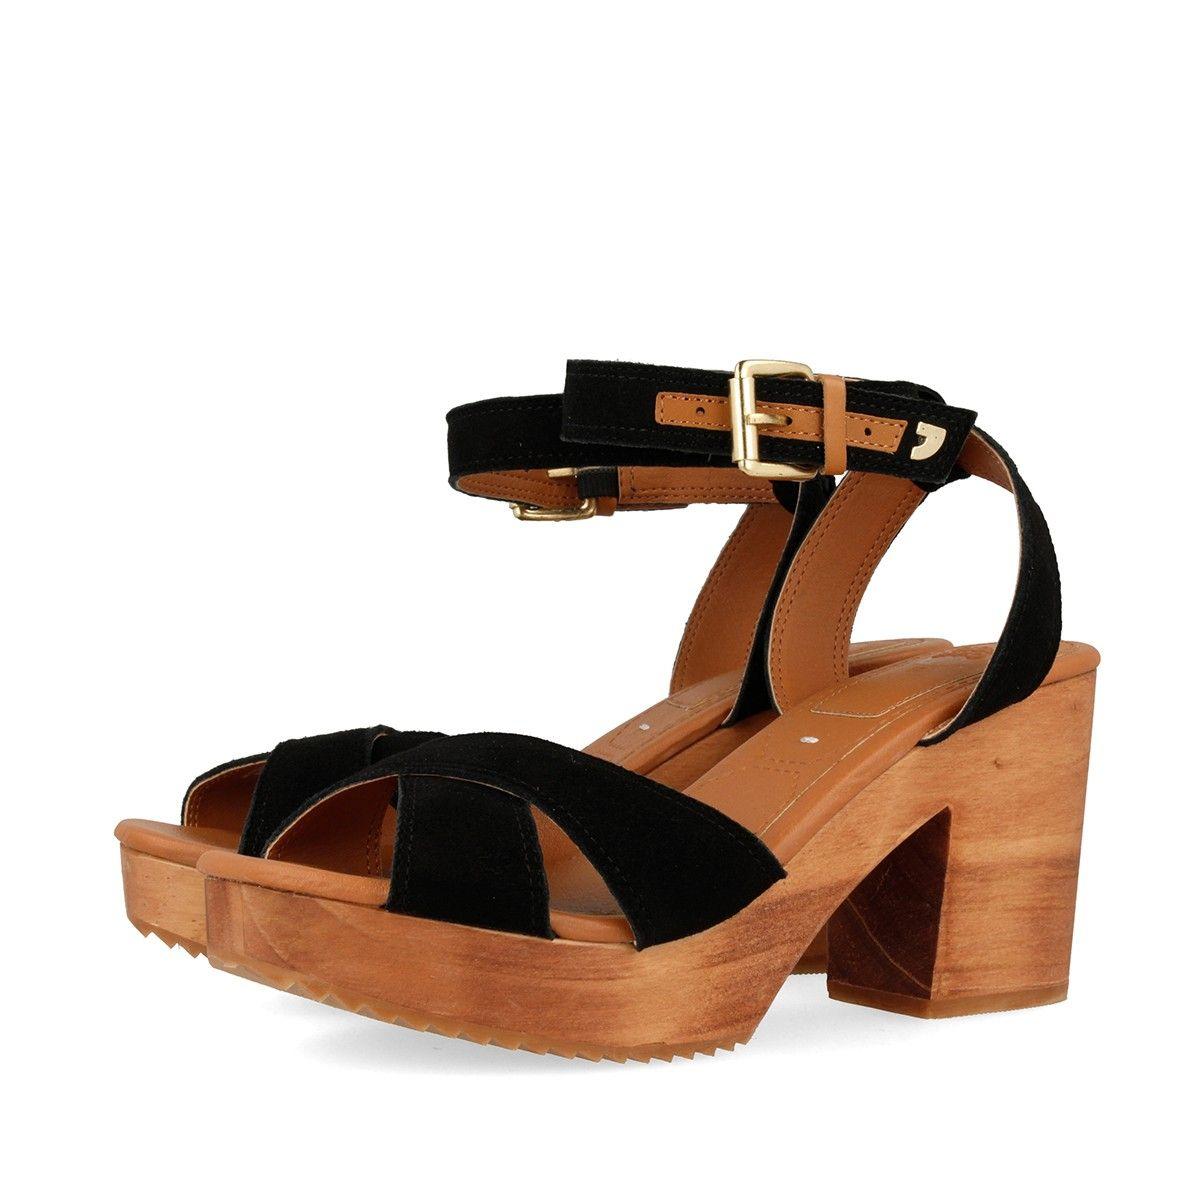 3f2daf47e2491 Sandalias negras de piel con plataforma y tacón de 9